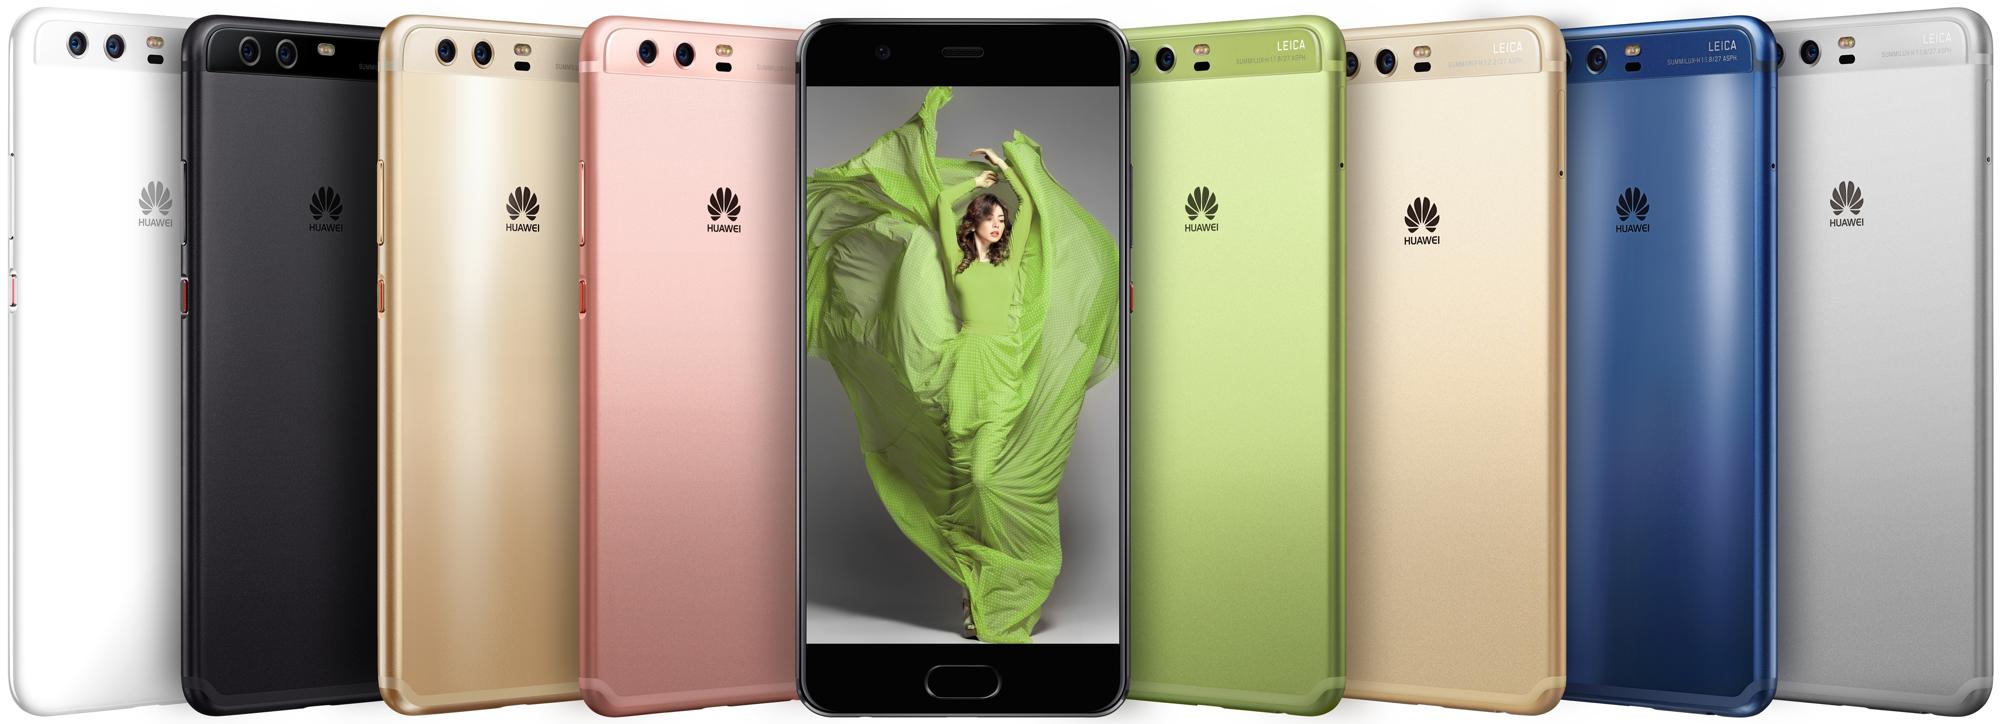 Huawei P10-wide